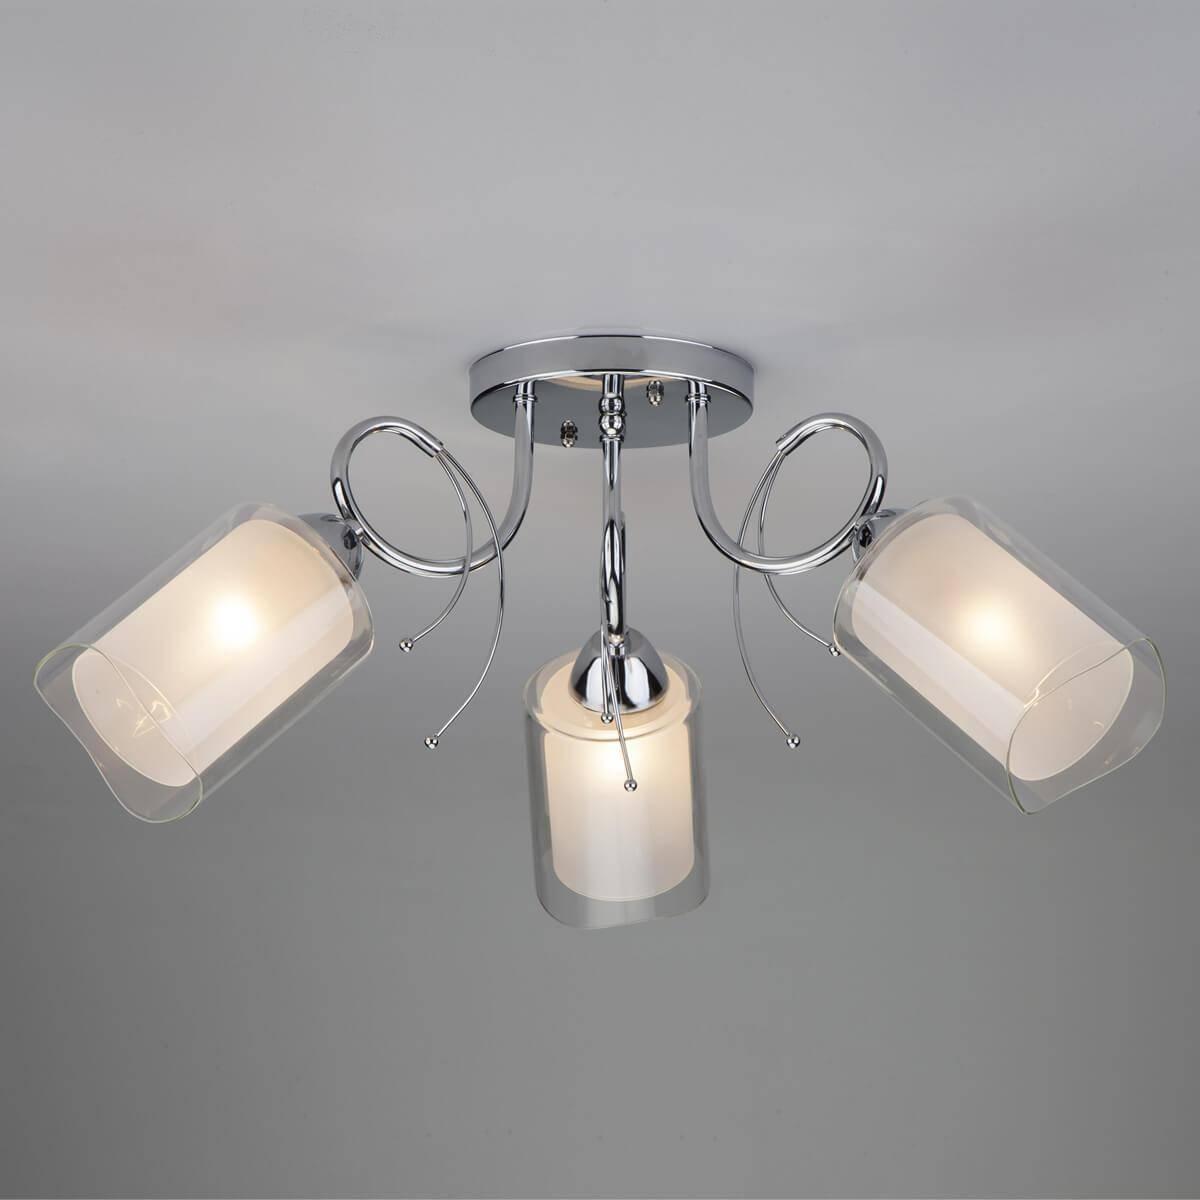 Потолочный светильник Eurosvet 30122/3 хром